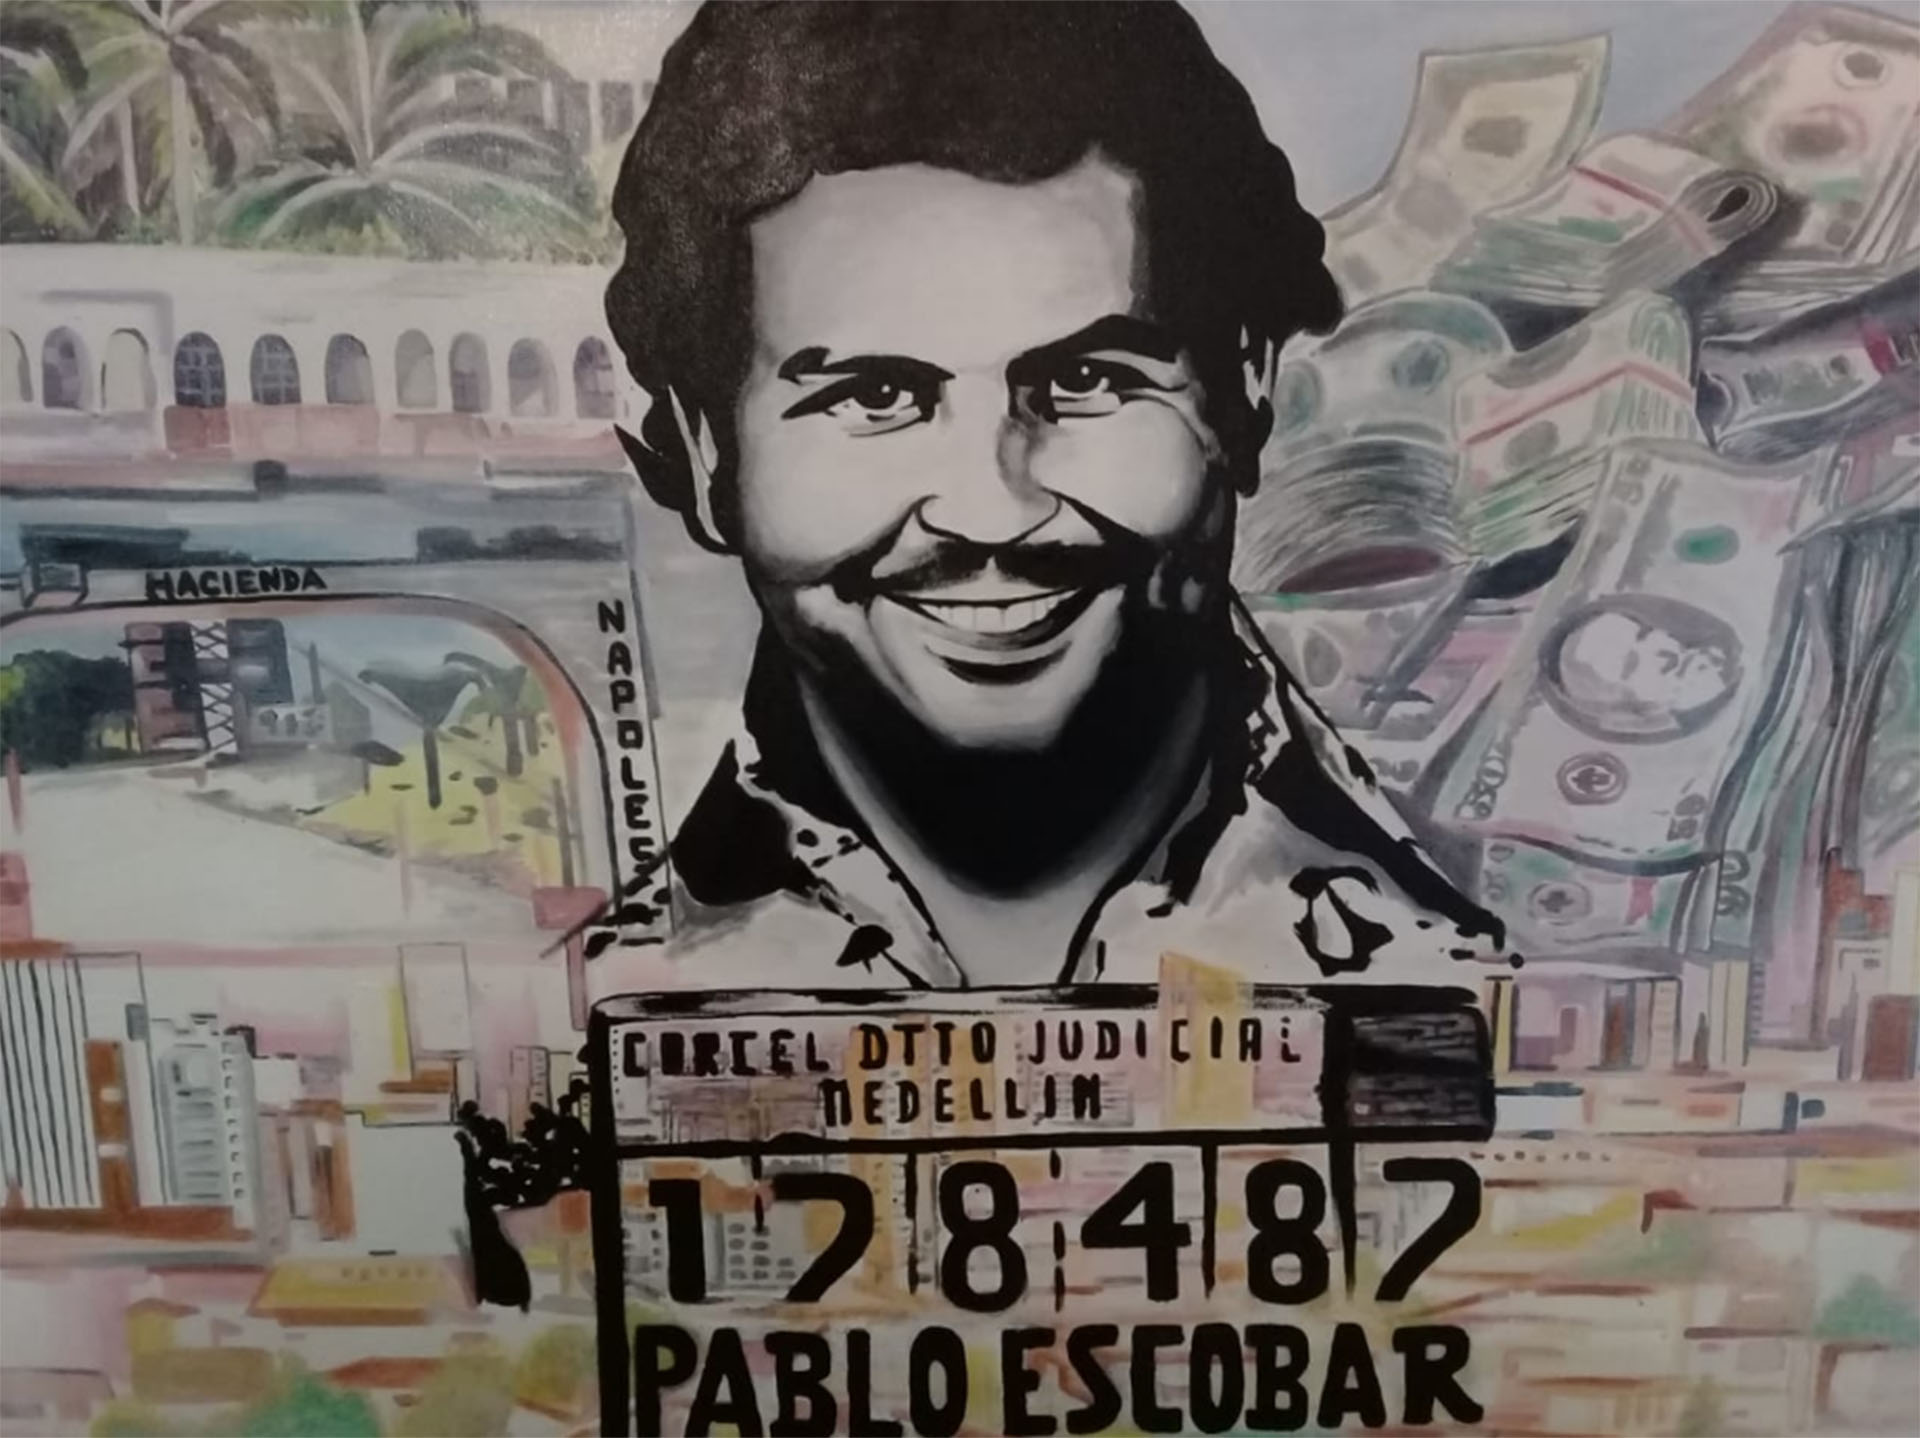 El mural de Pablo Escobar